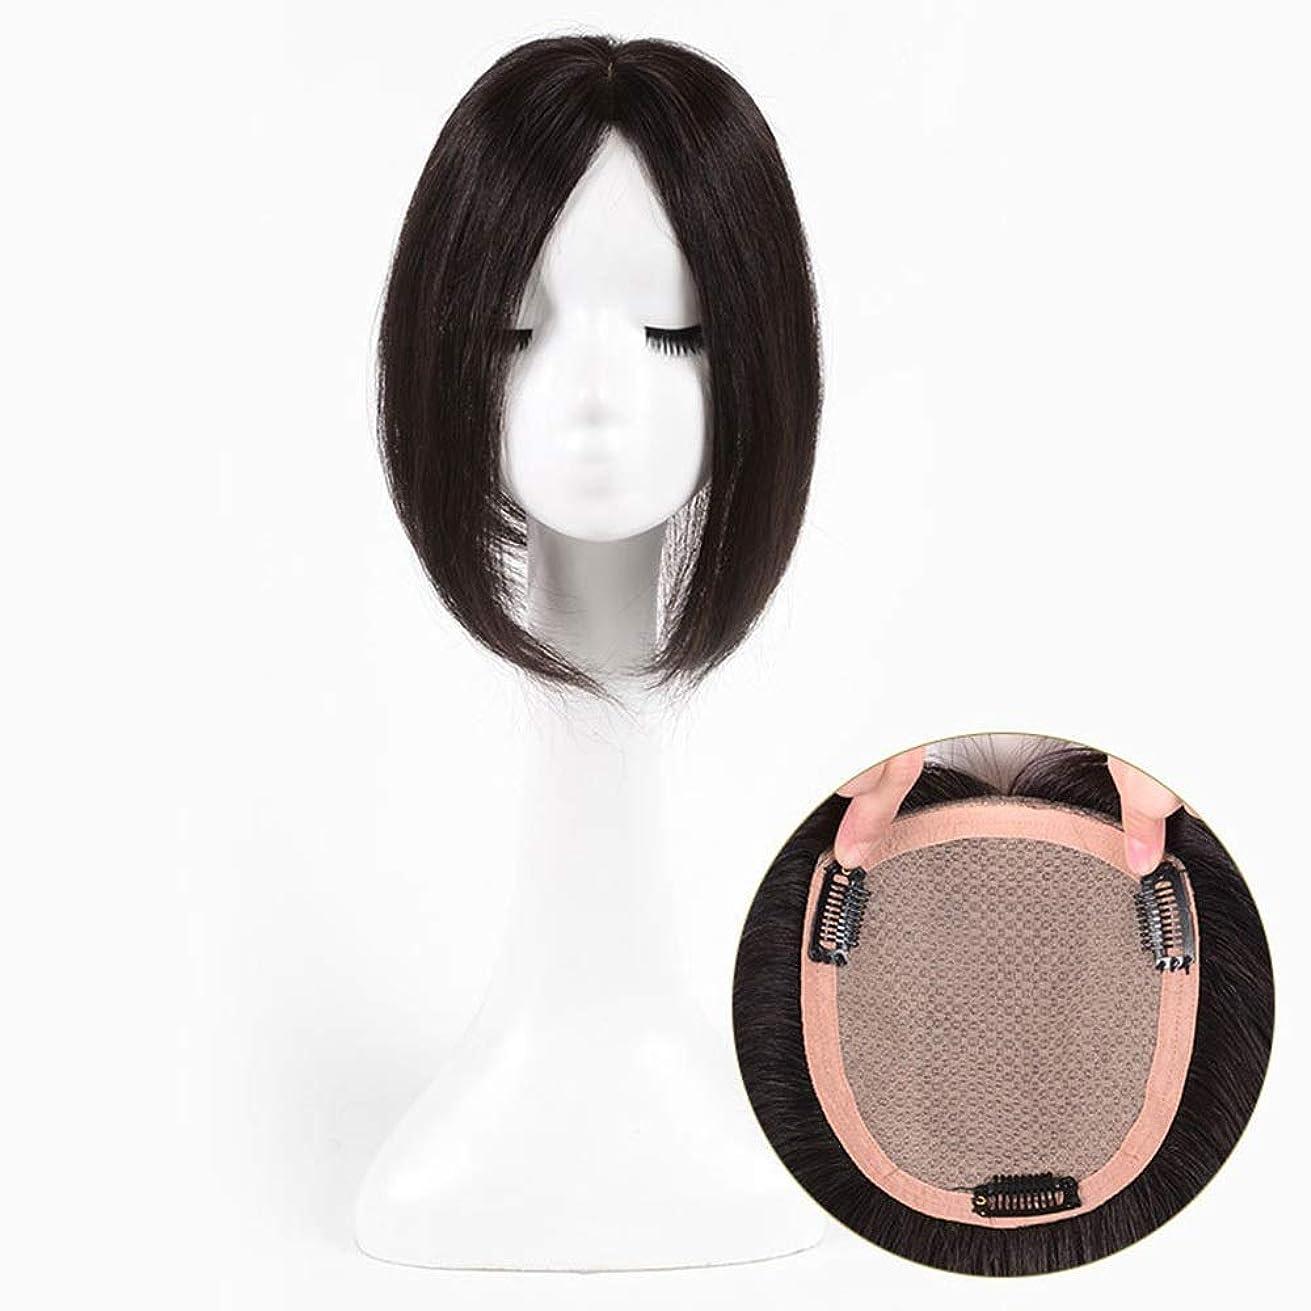 スクランブル視力君主制BOBIDYEE 100%本物のヘアエクステンションロングストレートヘアのためのNatrual探しているクリップ合成髪レースかつらロールプレイングかつら長くて短い女性自然 (色 : [9x10] 20cm dark brown)